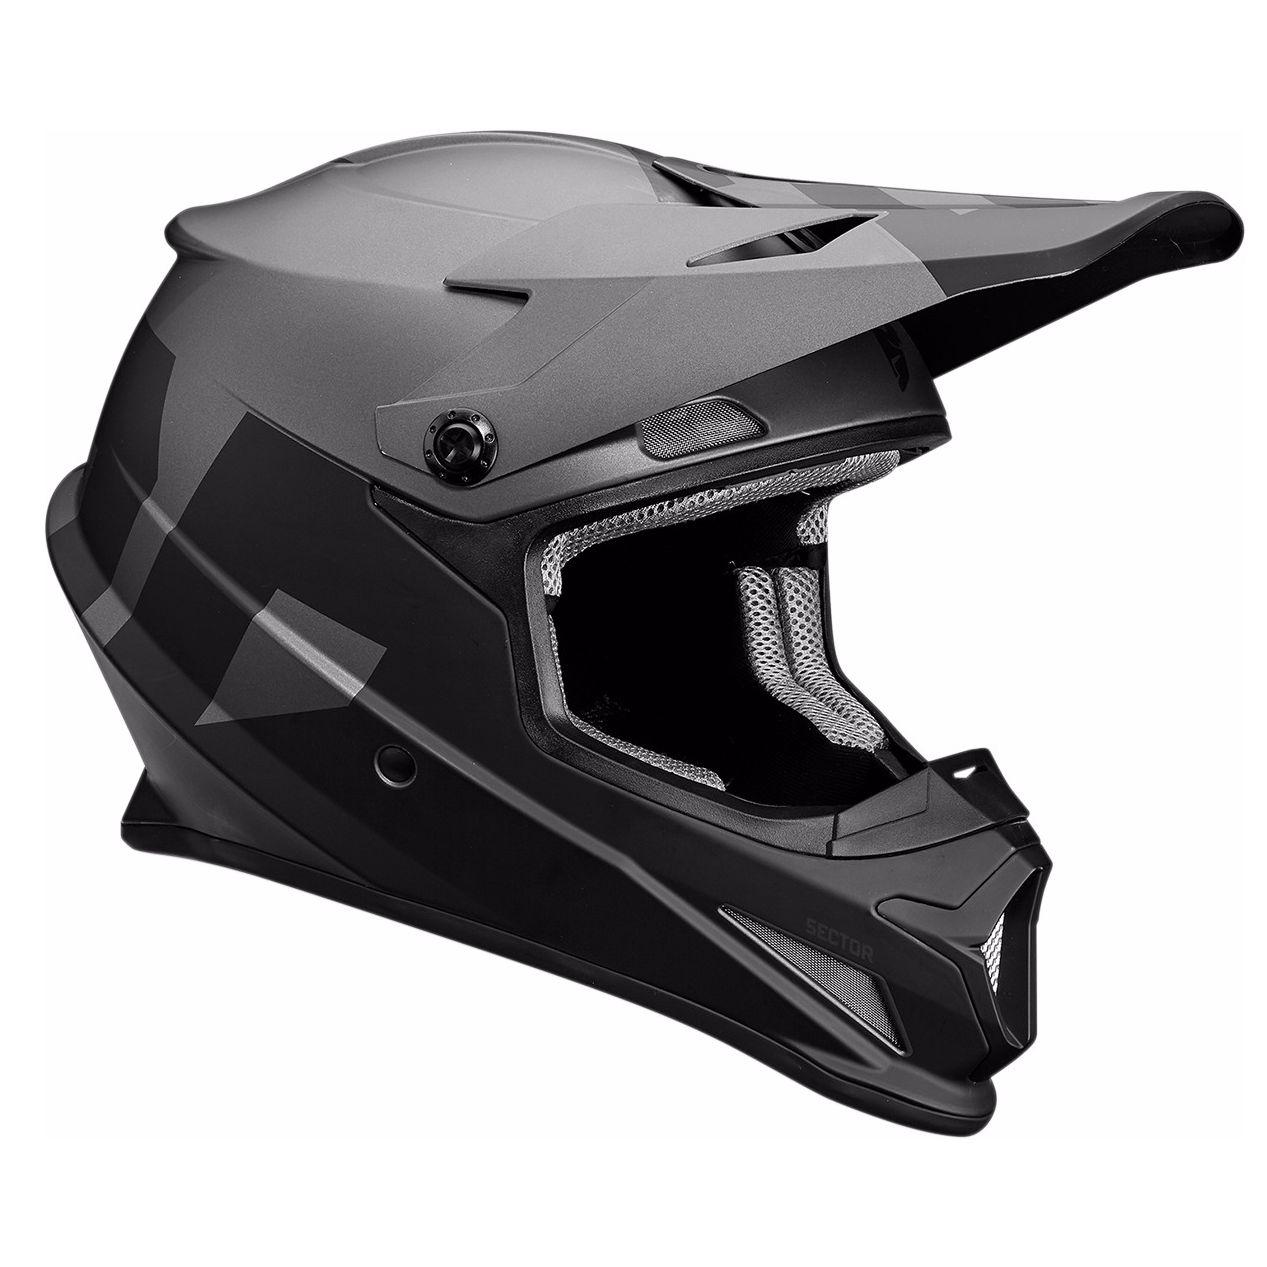 Casque cross thor sector level mat noir gris 2019 - Casque de motocross ...